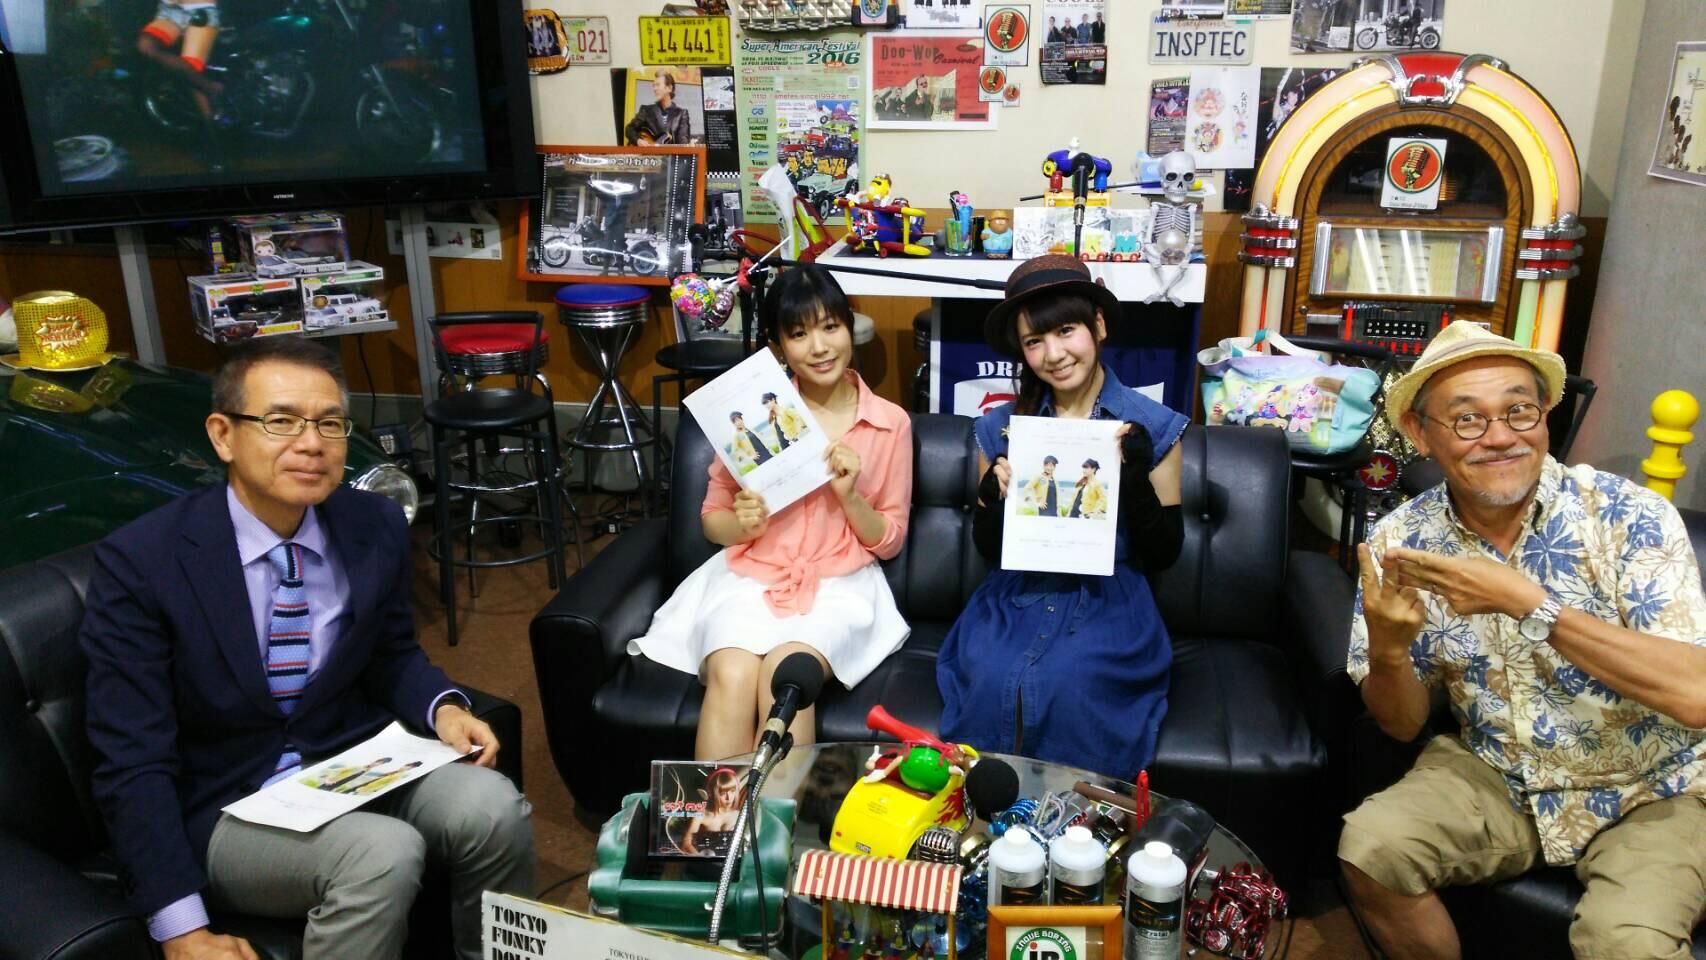 『エンジンで行こう!』#26(2016年7月14日放送分)